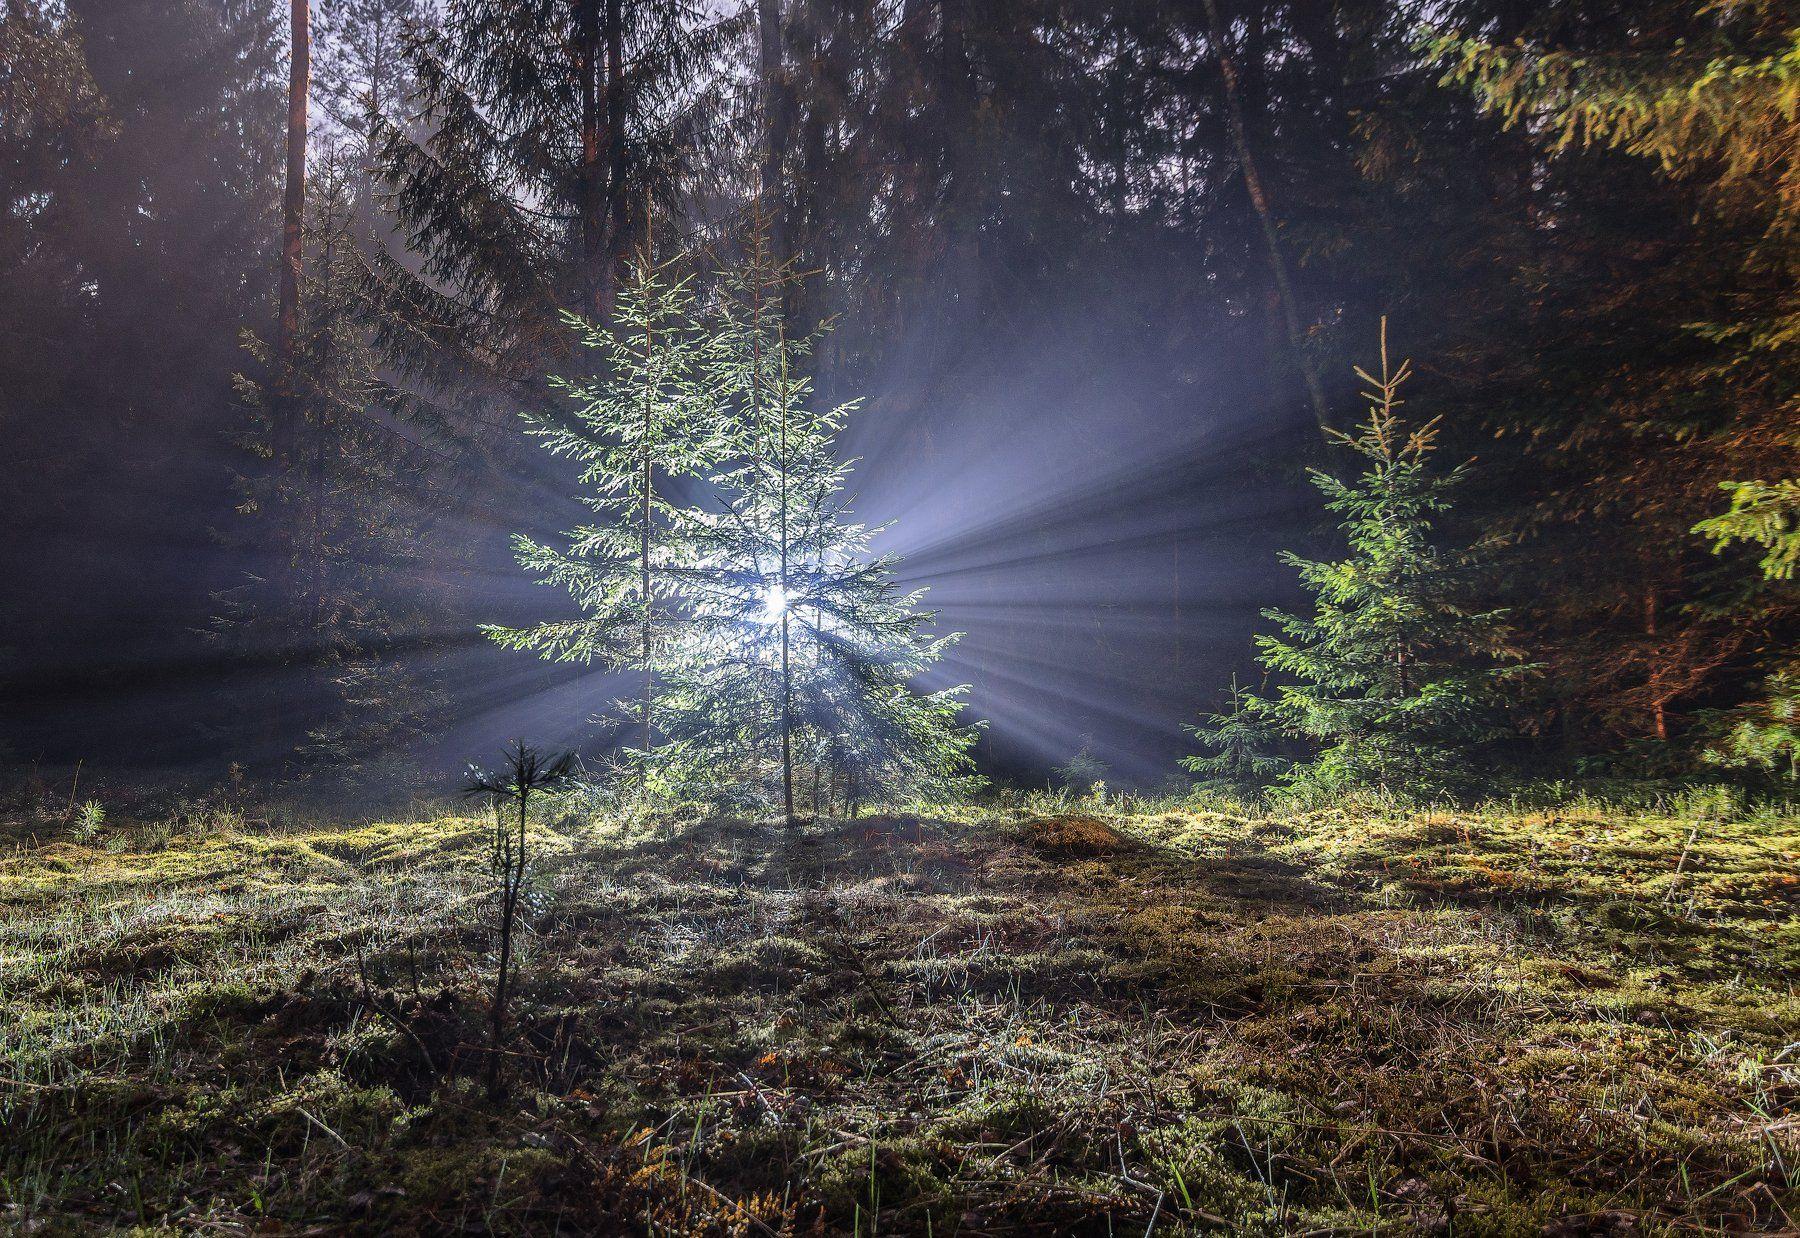 весна свет ночь туман влажность лес поляна трава зелень ель беларусь пуща, Попков Александр